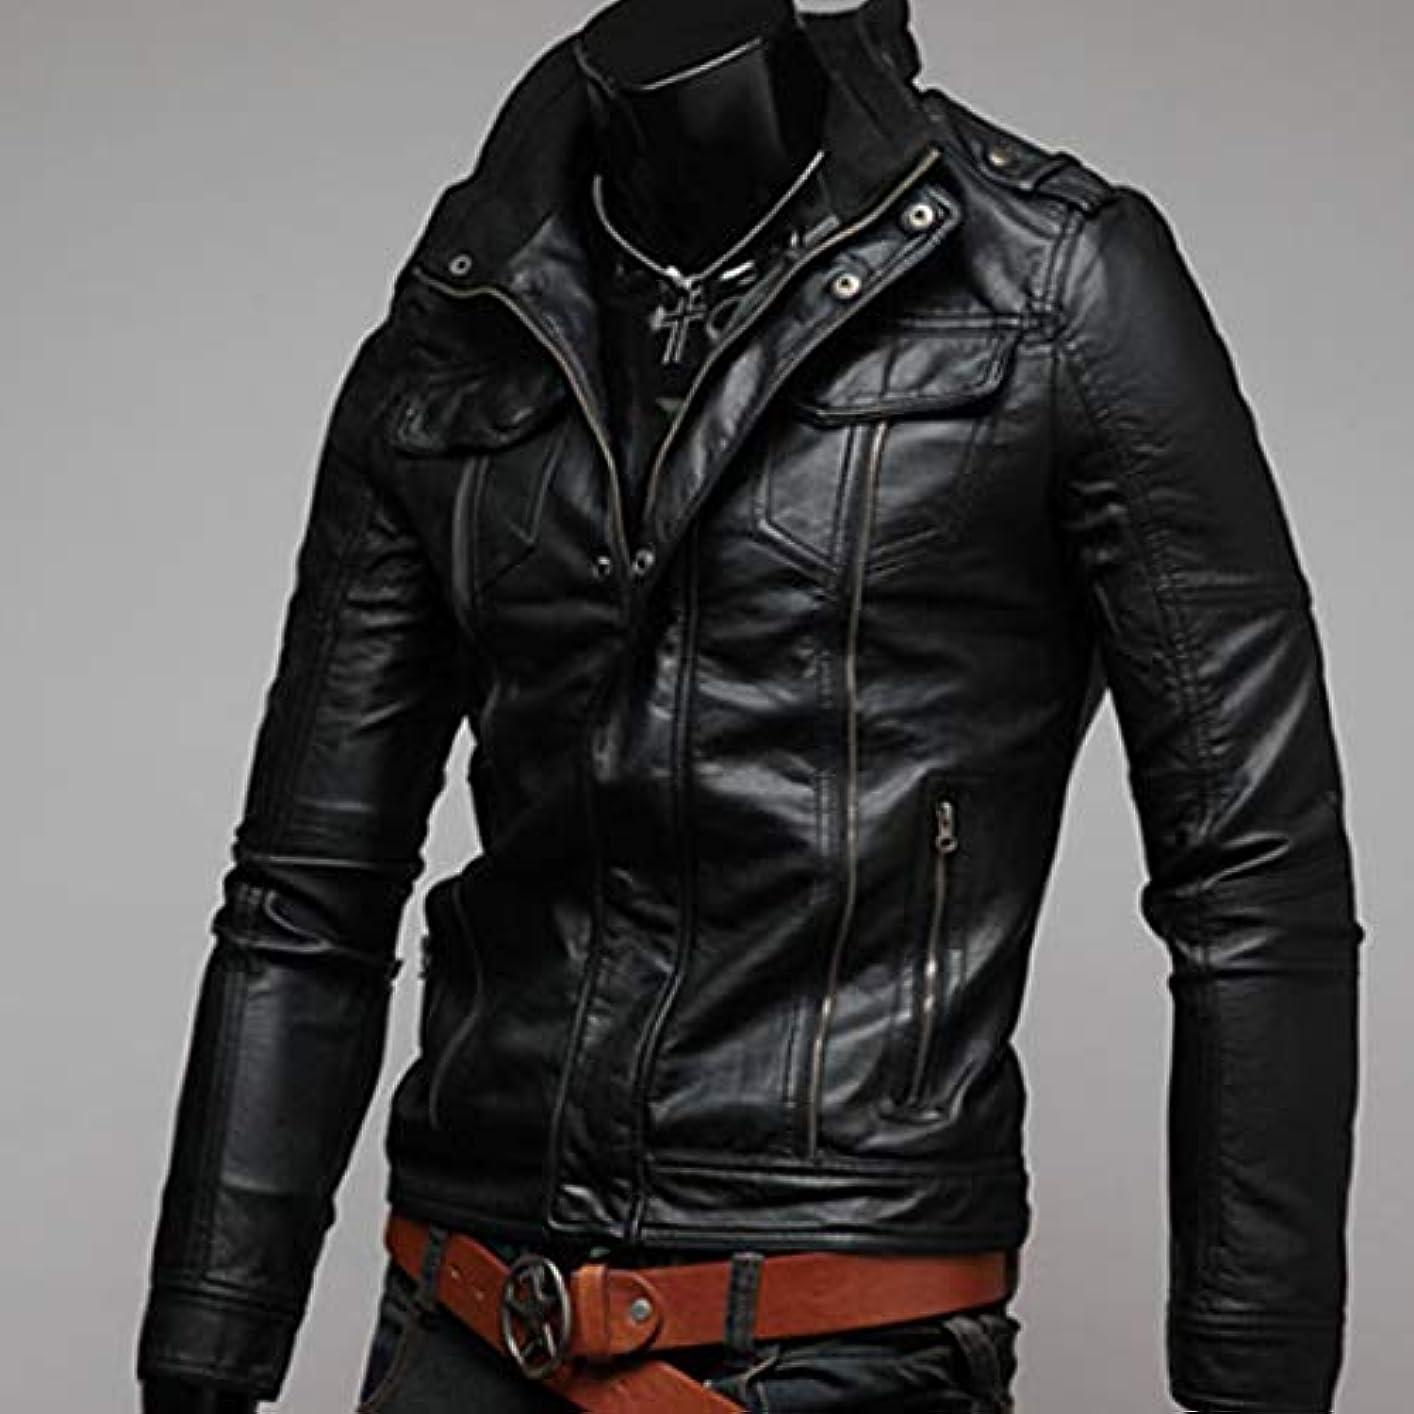 恋人ジョガーテレックスファッションクールオートバイレザージャケットコートトレンディなデザイン男性コートユニセックス生き抜く快適な男性服-ブラックL